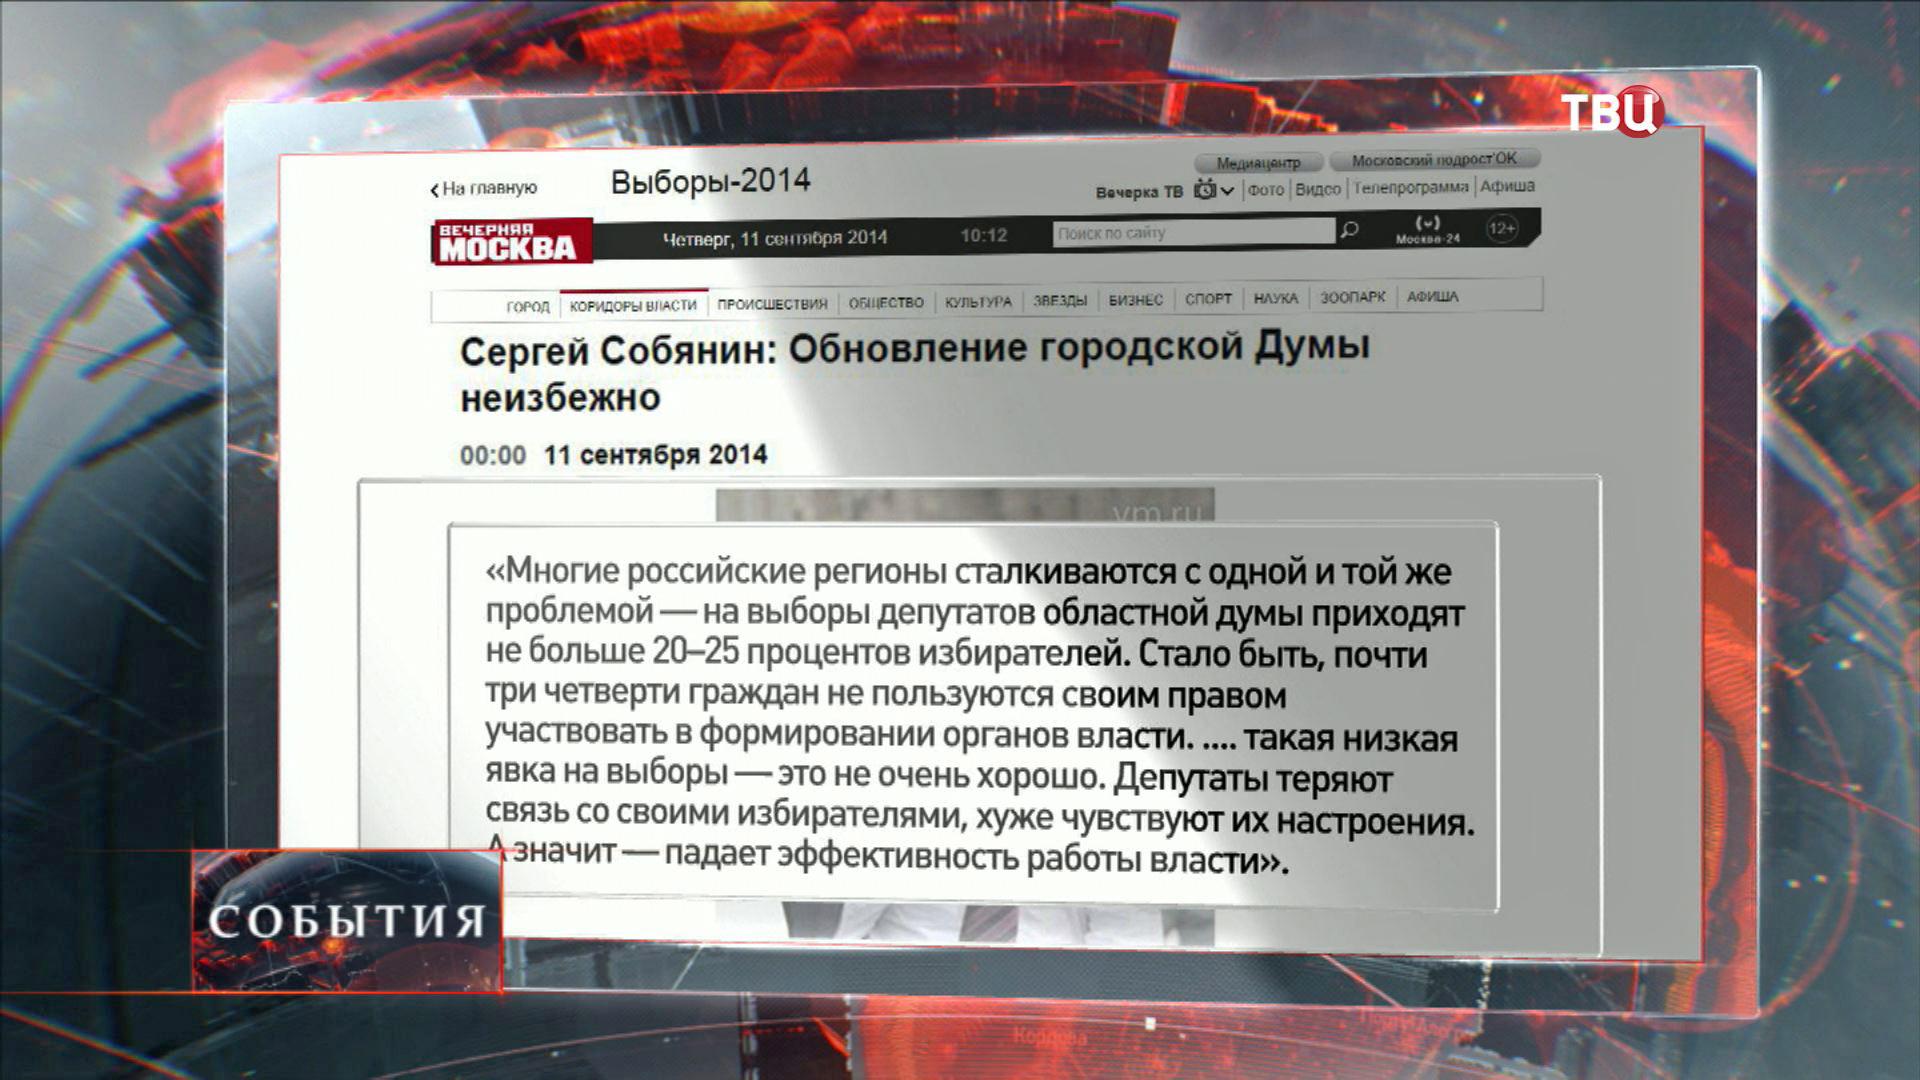 Сергей Обянин: Обновление городской Думы неизбежно